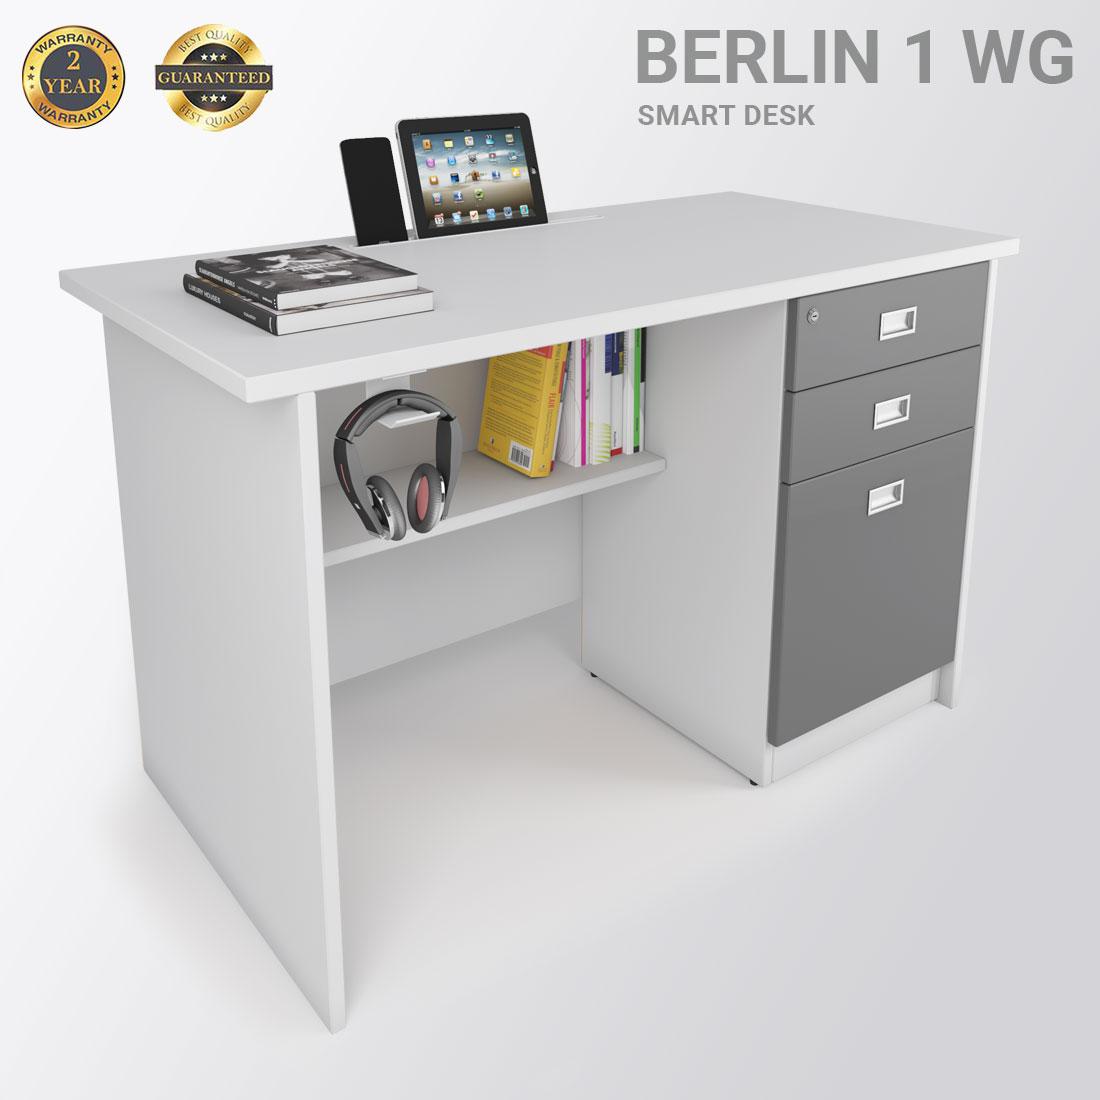 BERLIN 1 WG